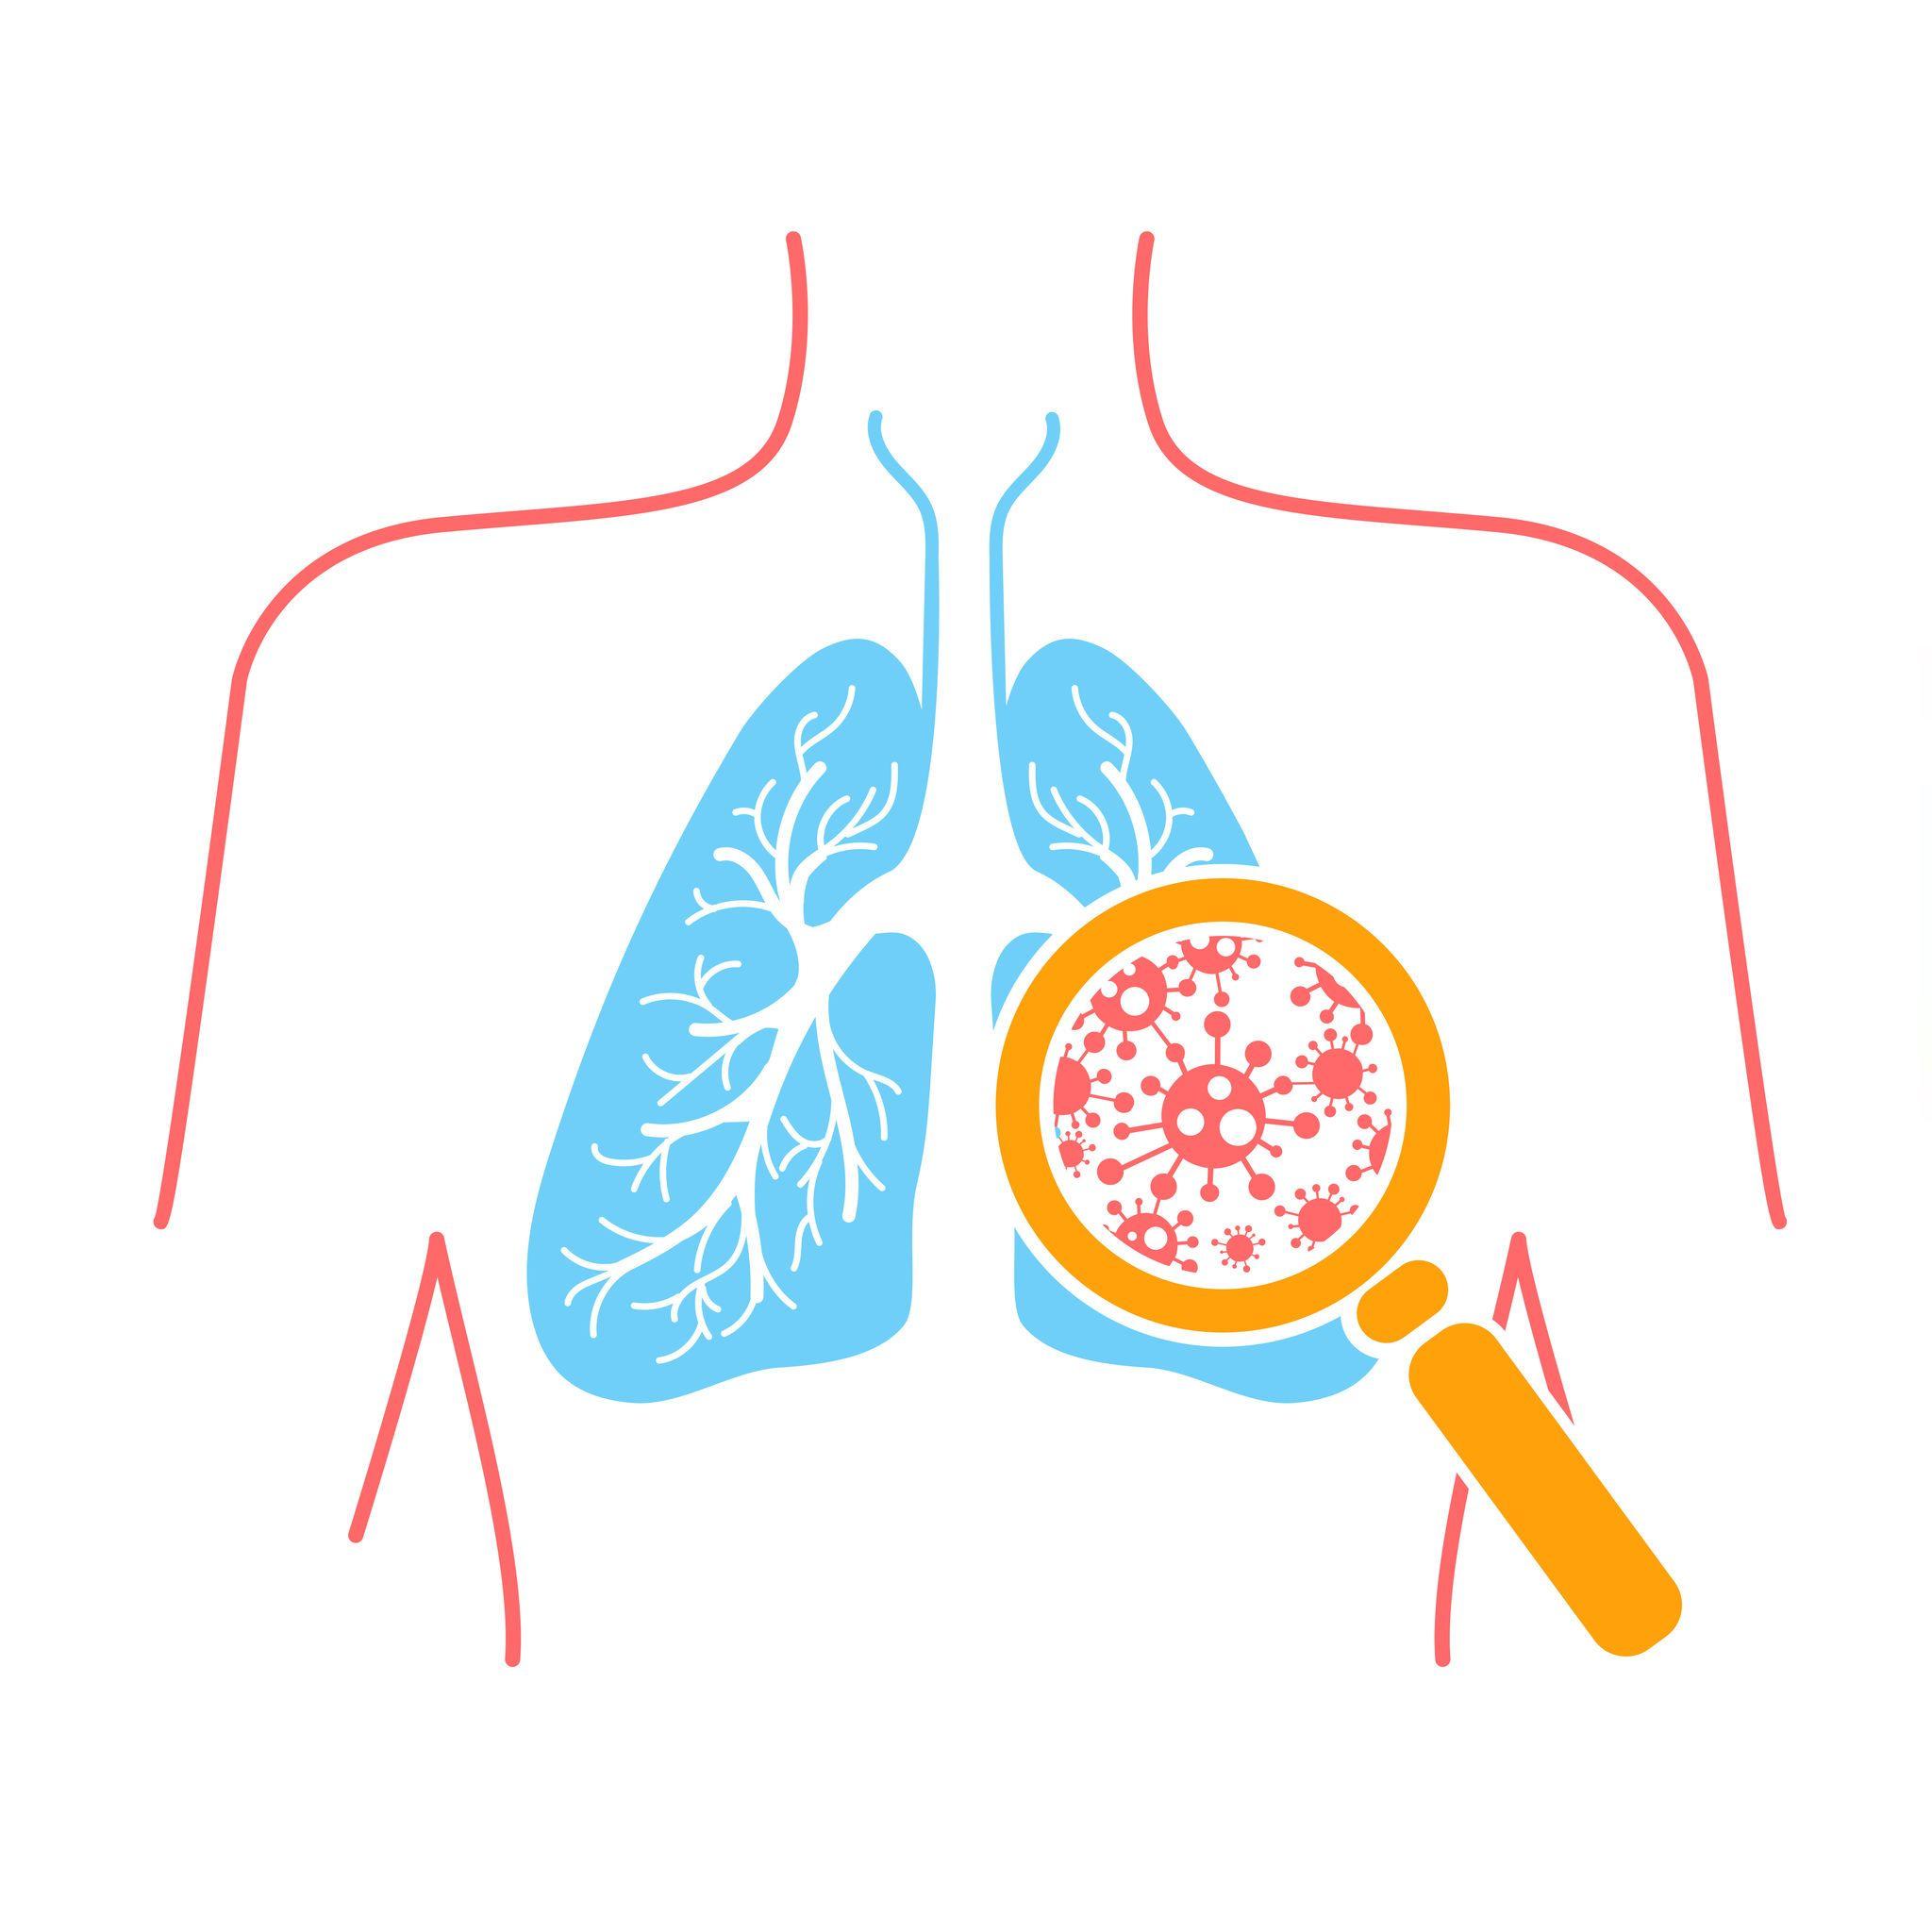 现哪些症状,应怀疑得了肺结核